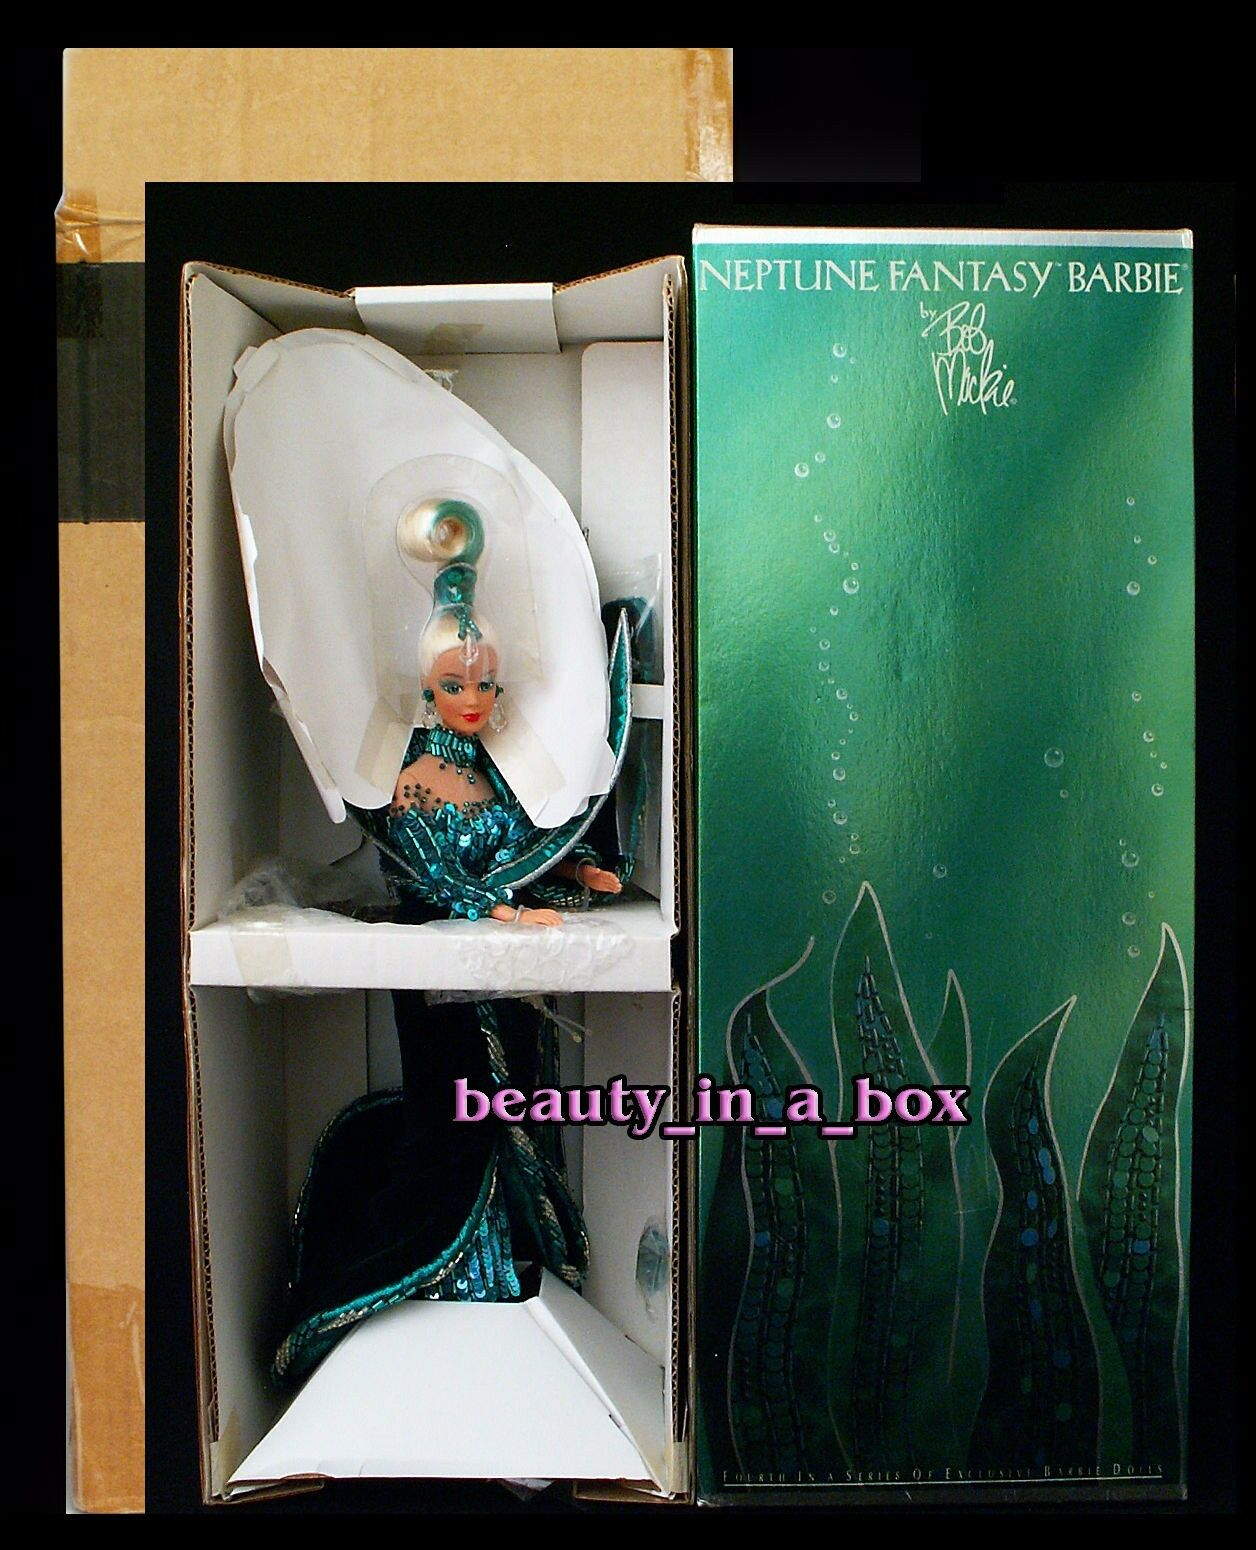 Muñeca Barbie Fantasía Neptuno embarcador Bob Mackie Diseño Dibujo Atemporal Creations